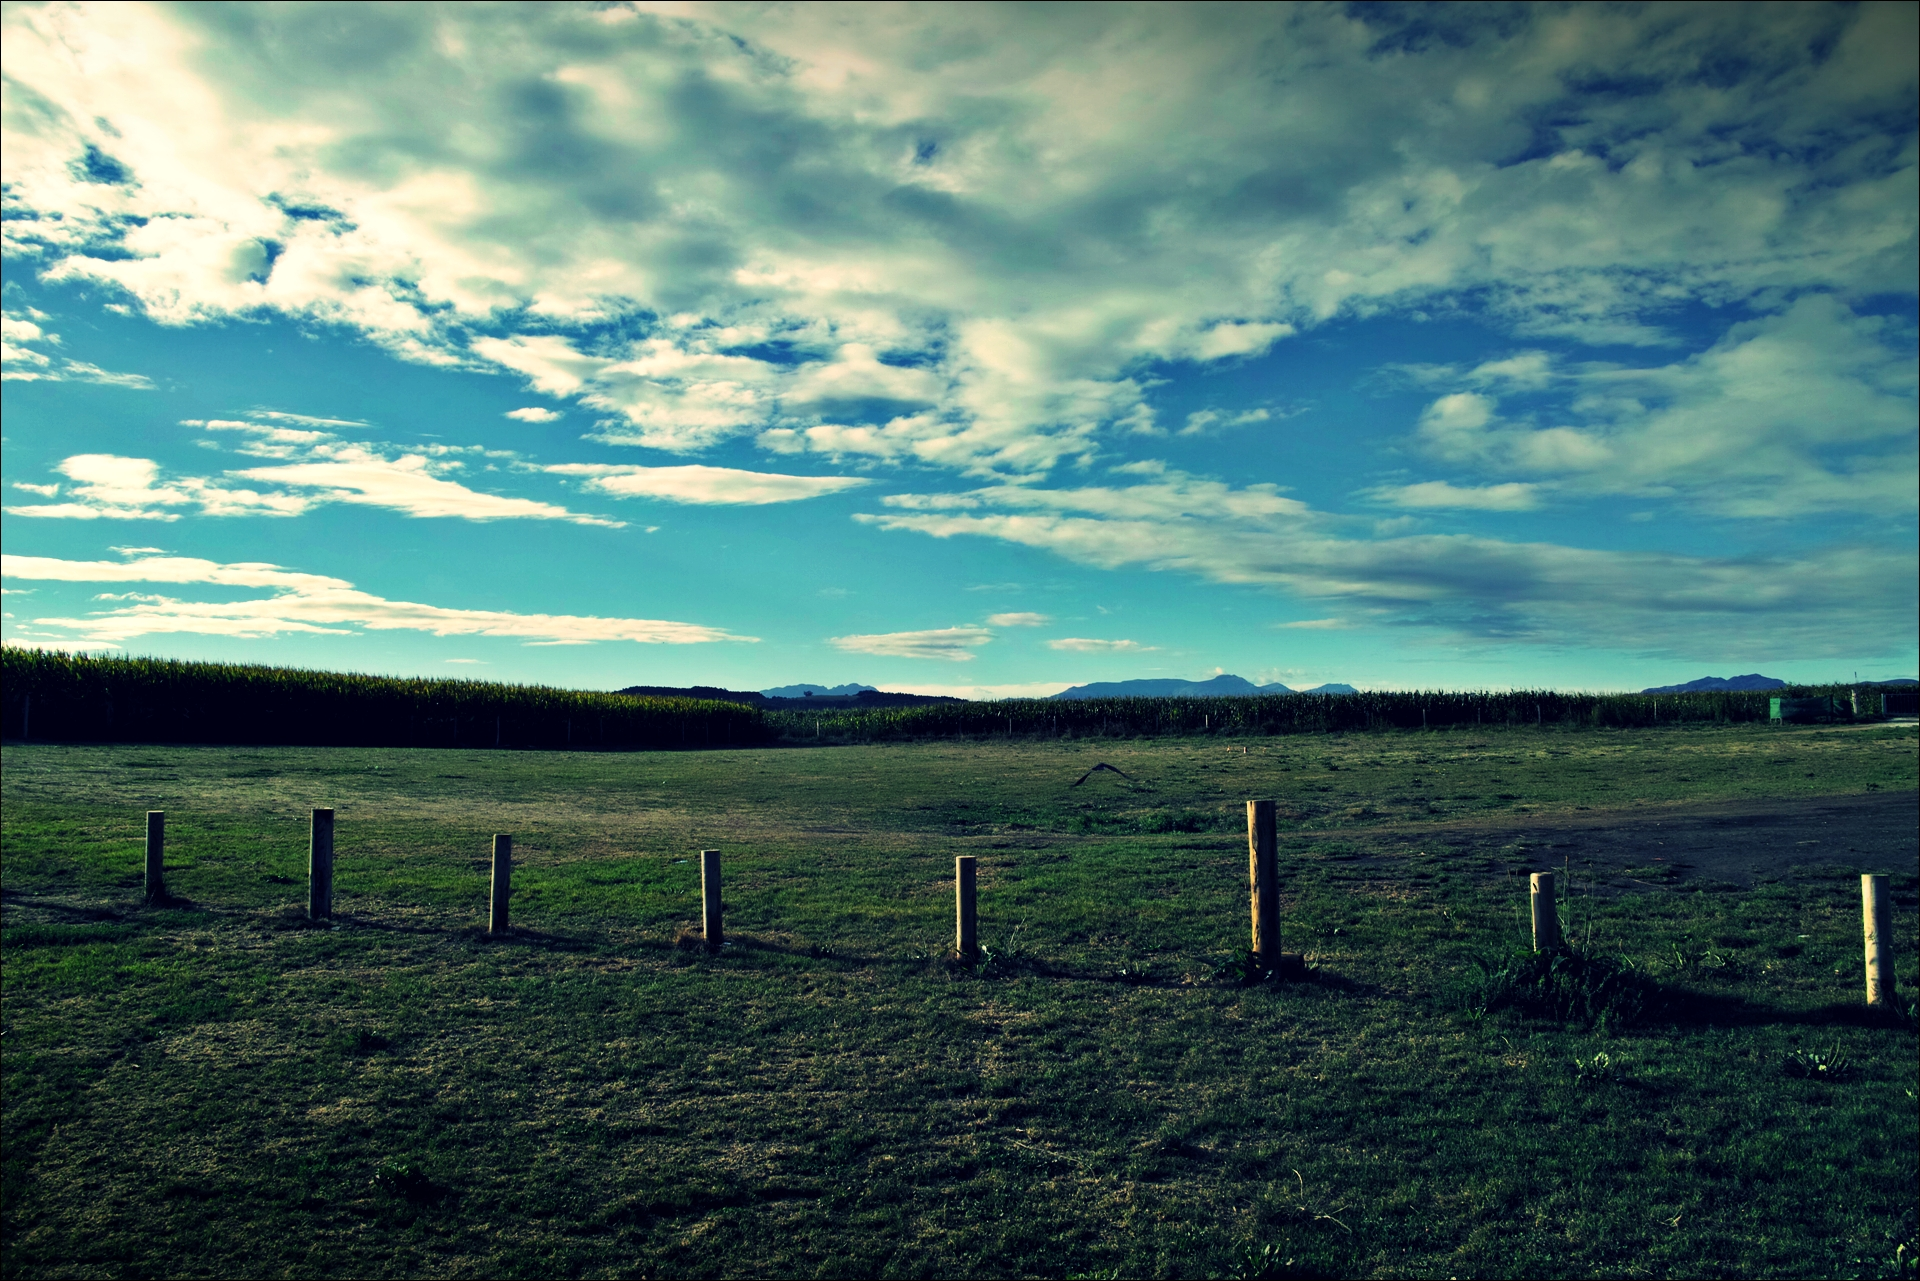 말뚝-'카미노 데 산티아고 북쪽길. 궤메스에서 산탄데르. (Camino del Norte - Güemes to Santander)'